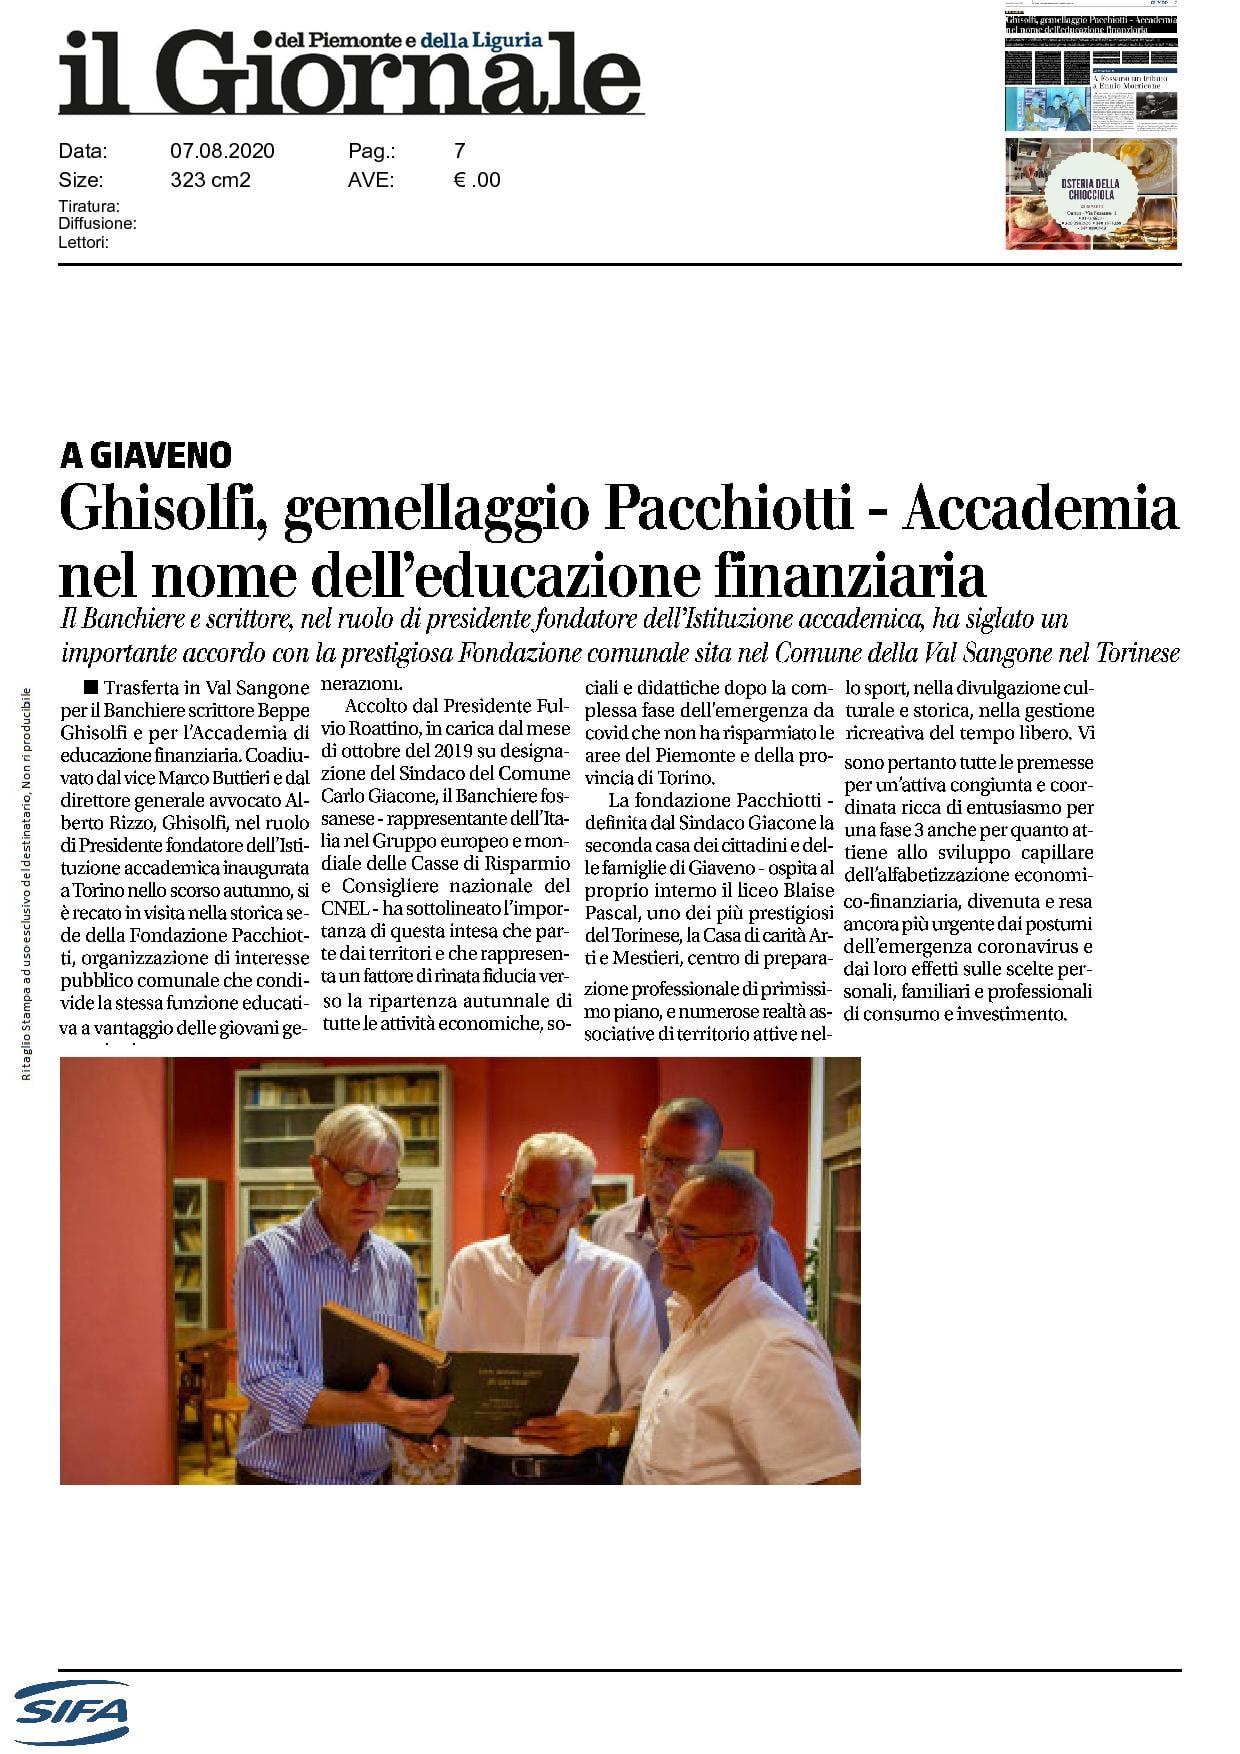 Ghisolfi, gemellaggio Pacchiotti - Accademia nel nome dell'educazione finanziaria